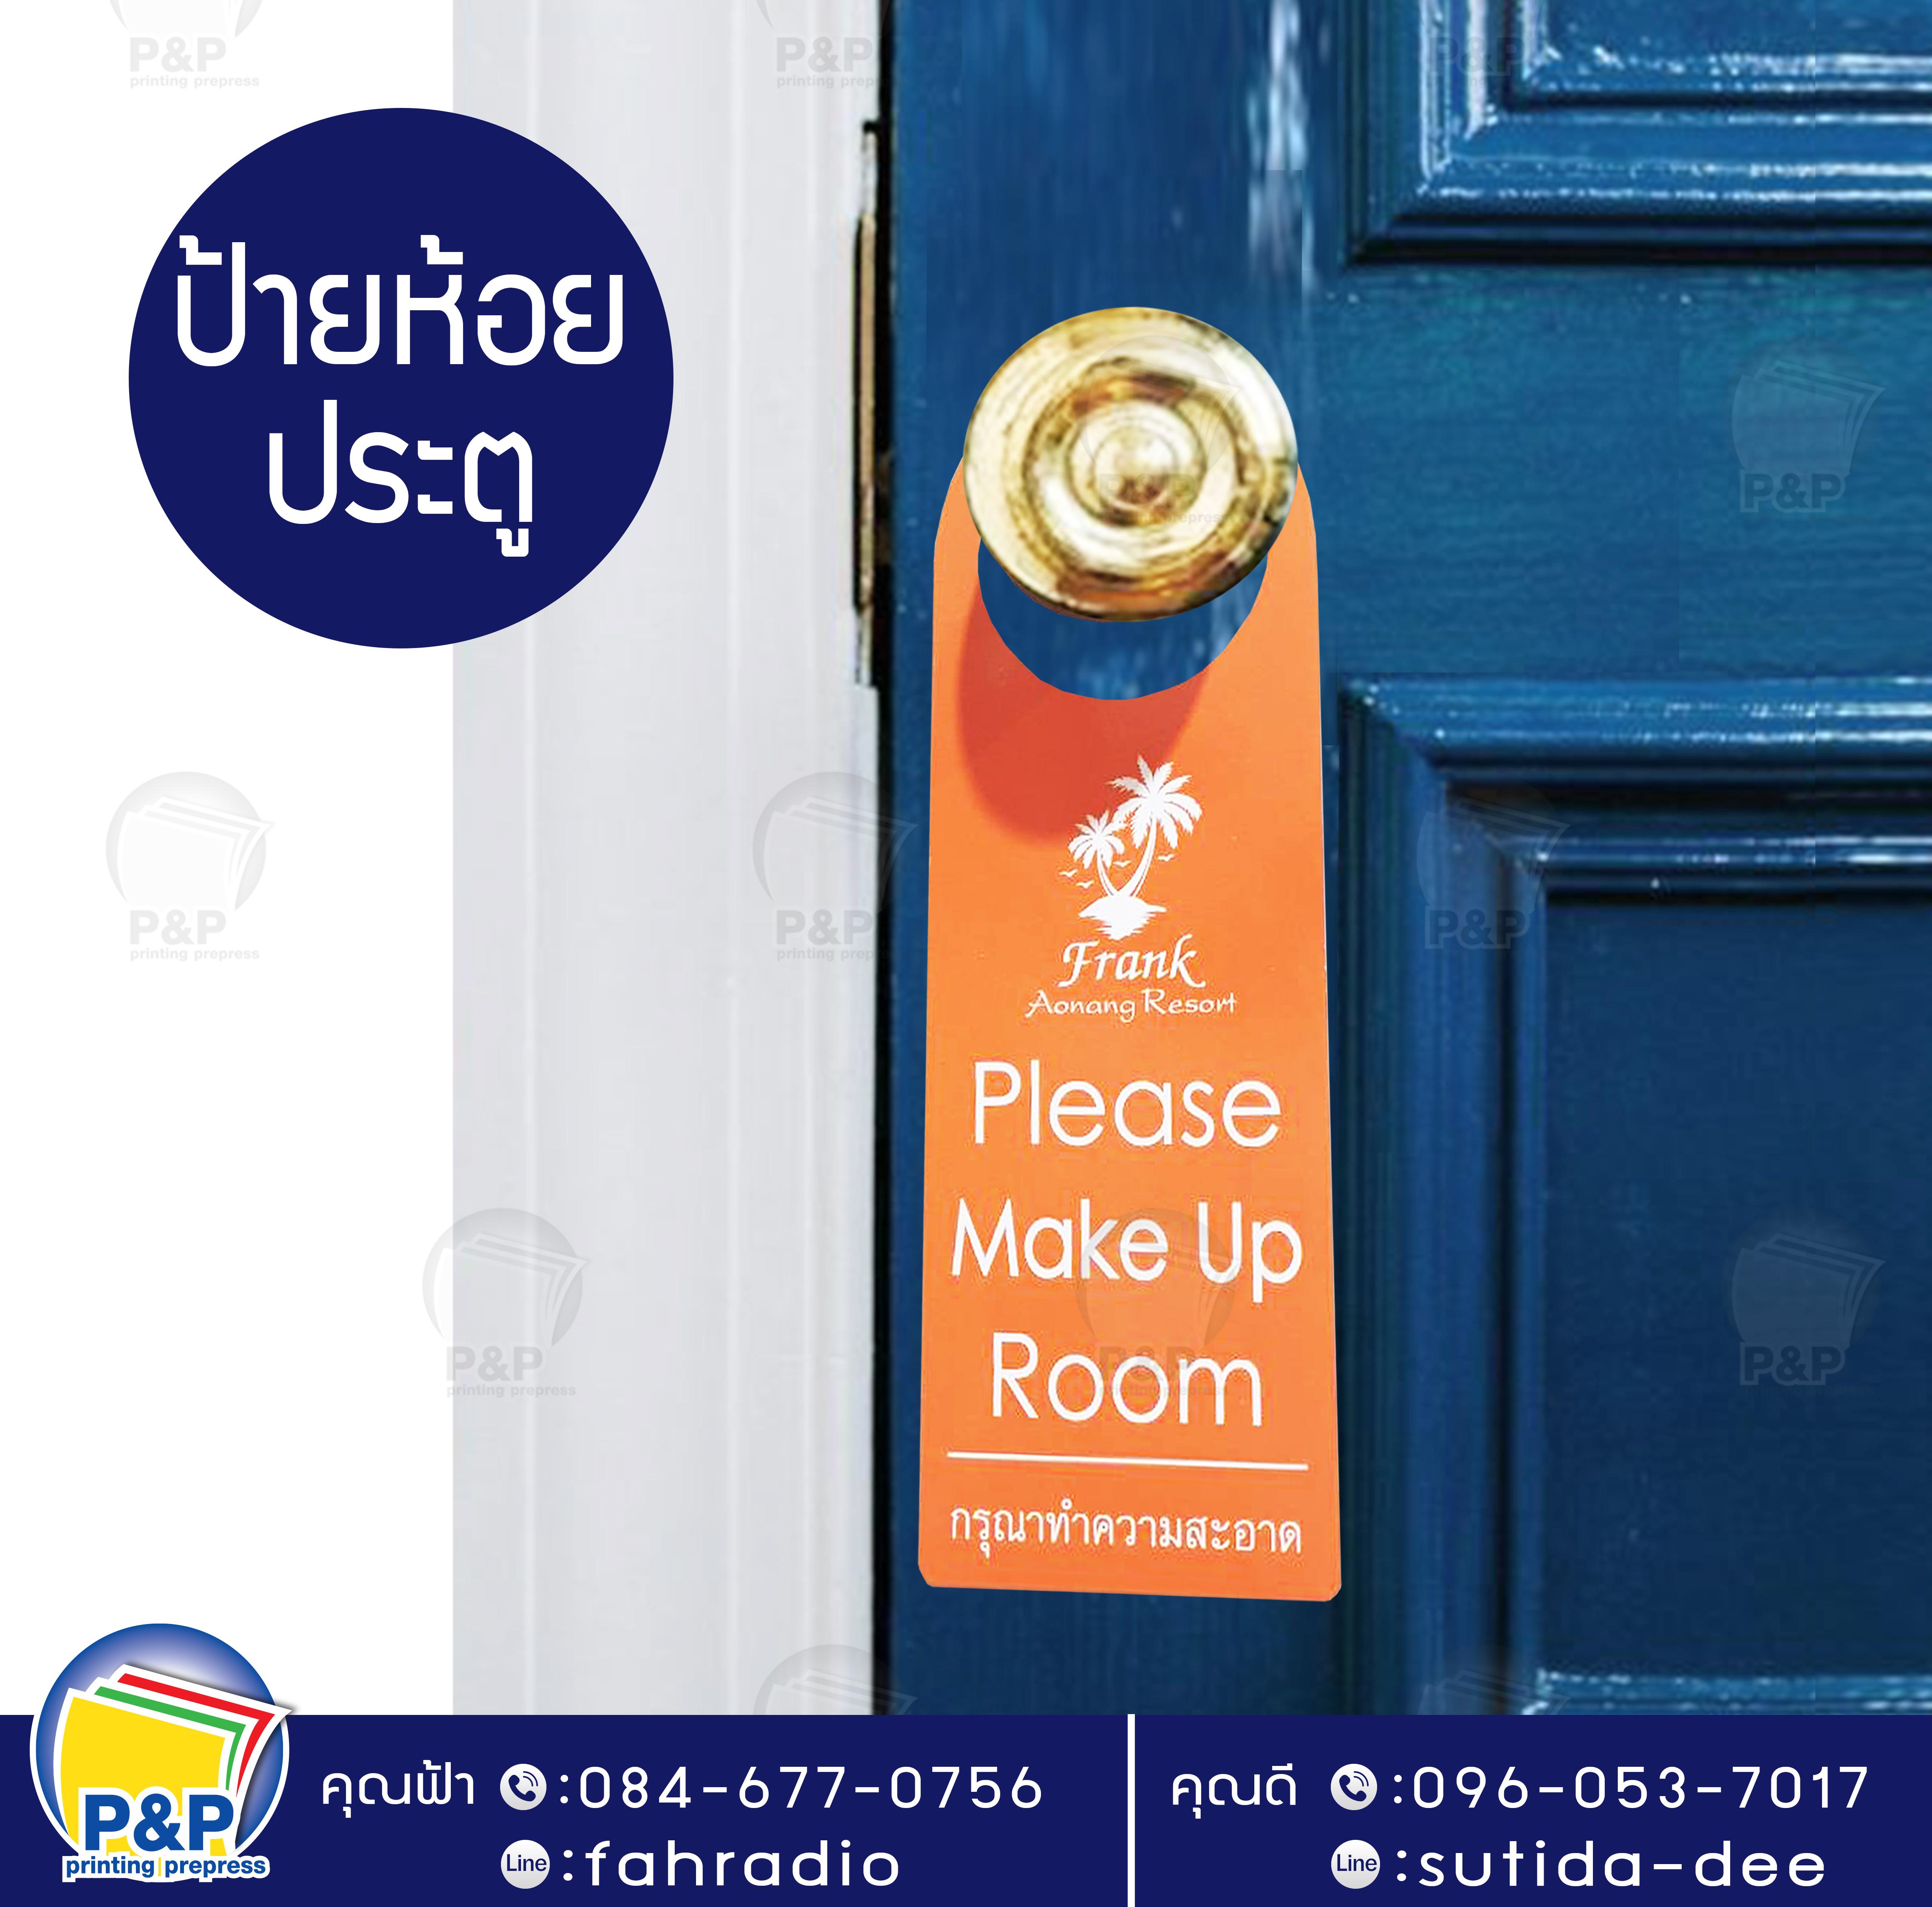 ป้ายห้อยประตูสีน้ำเงิน